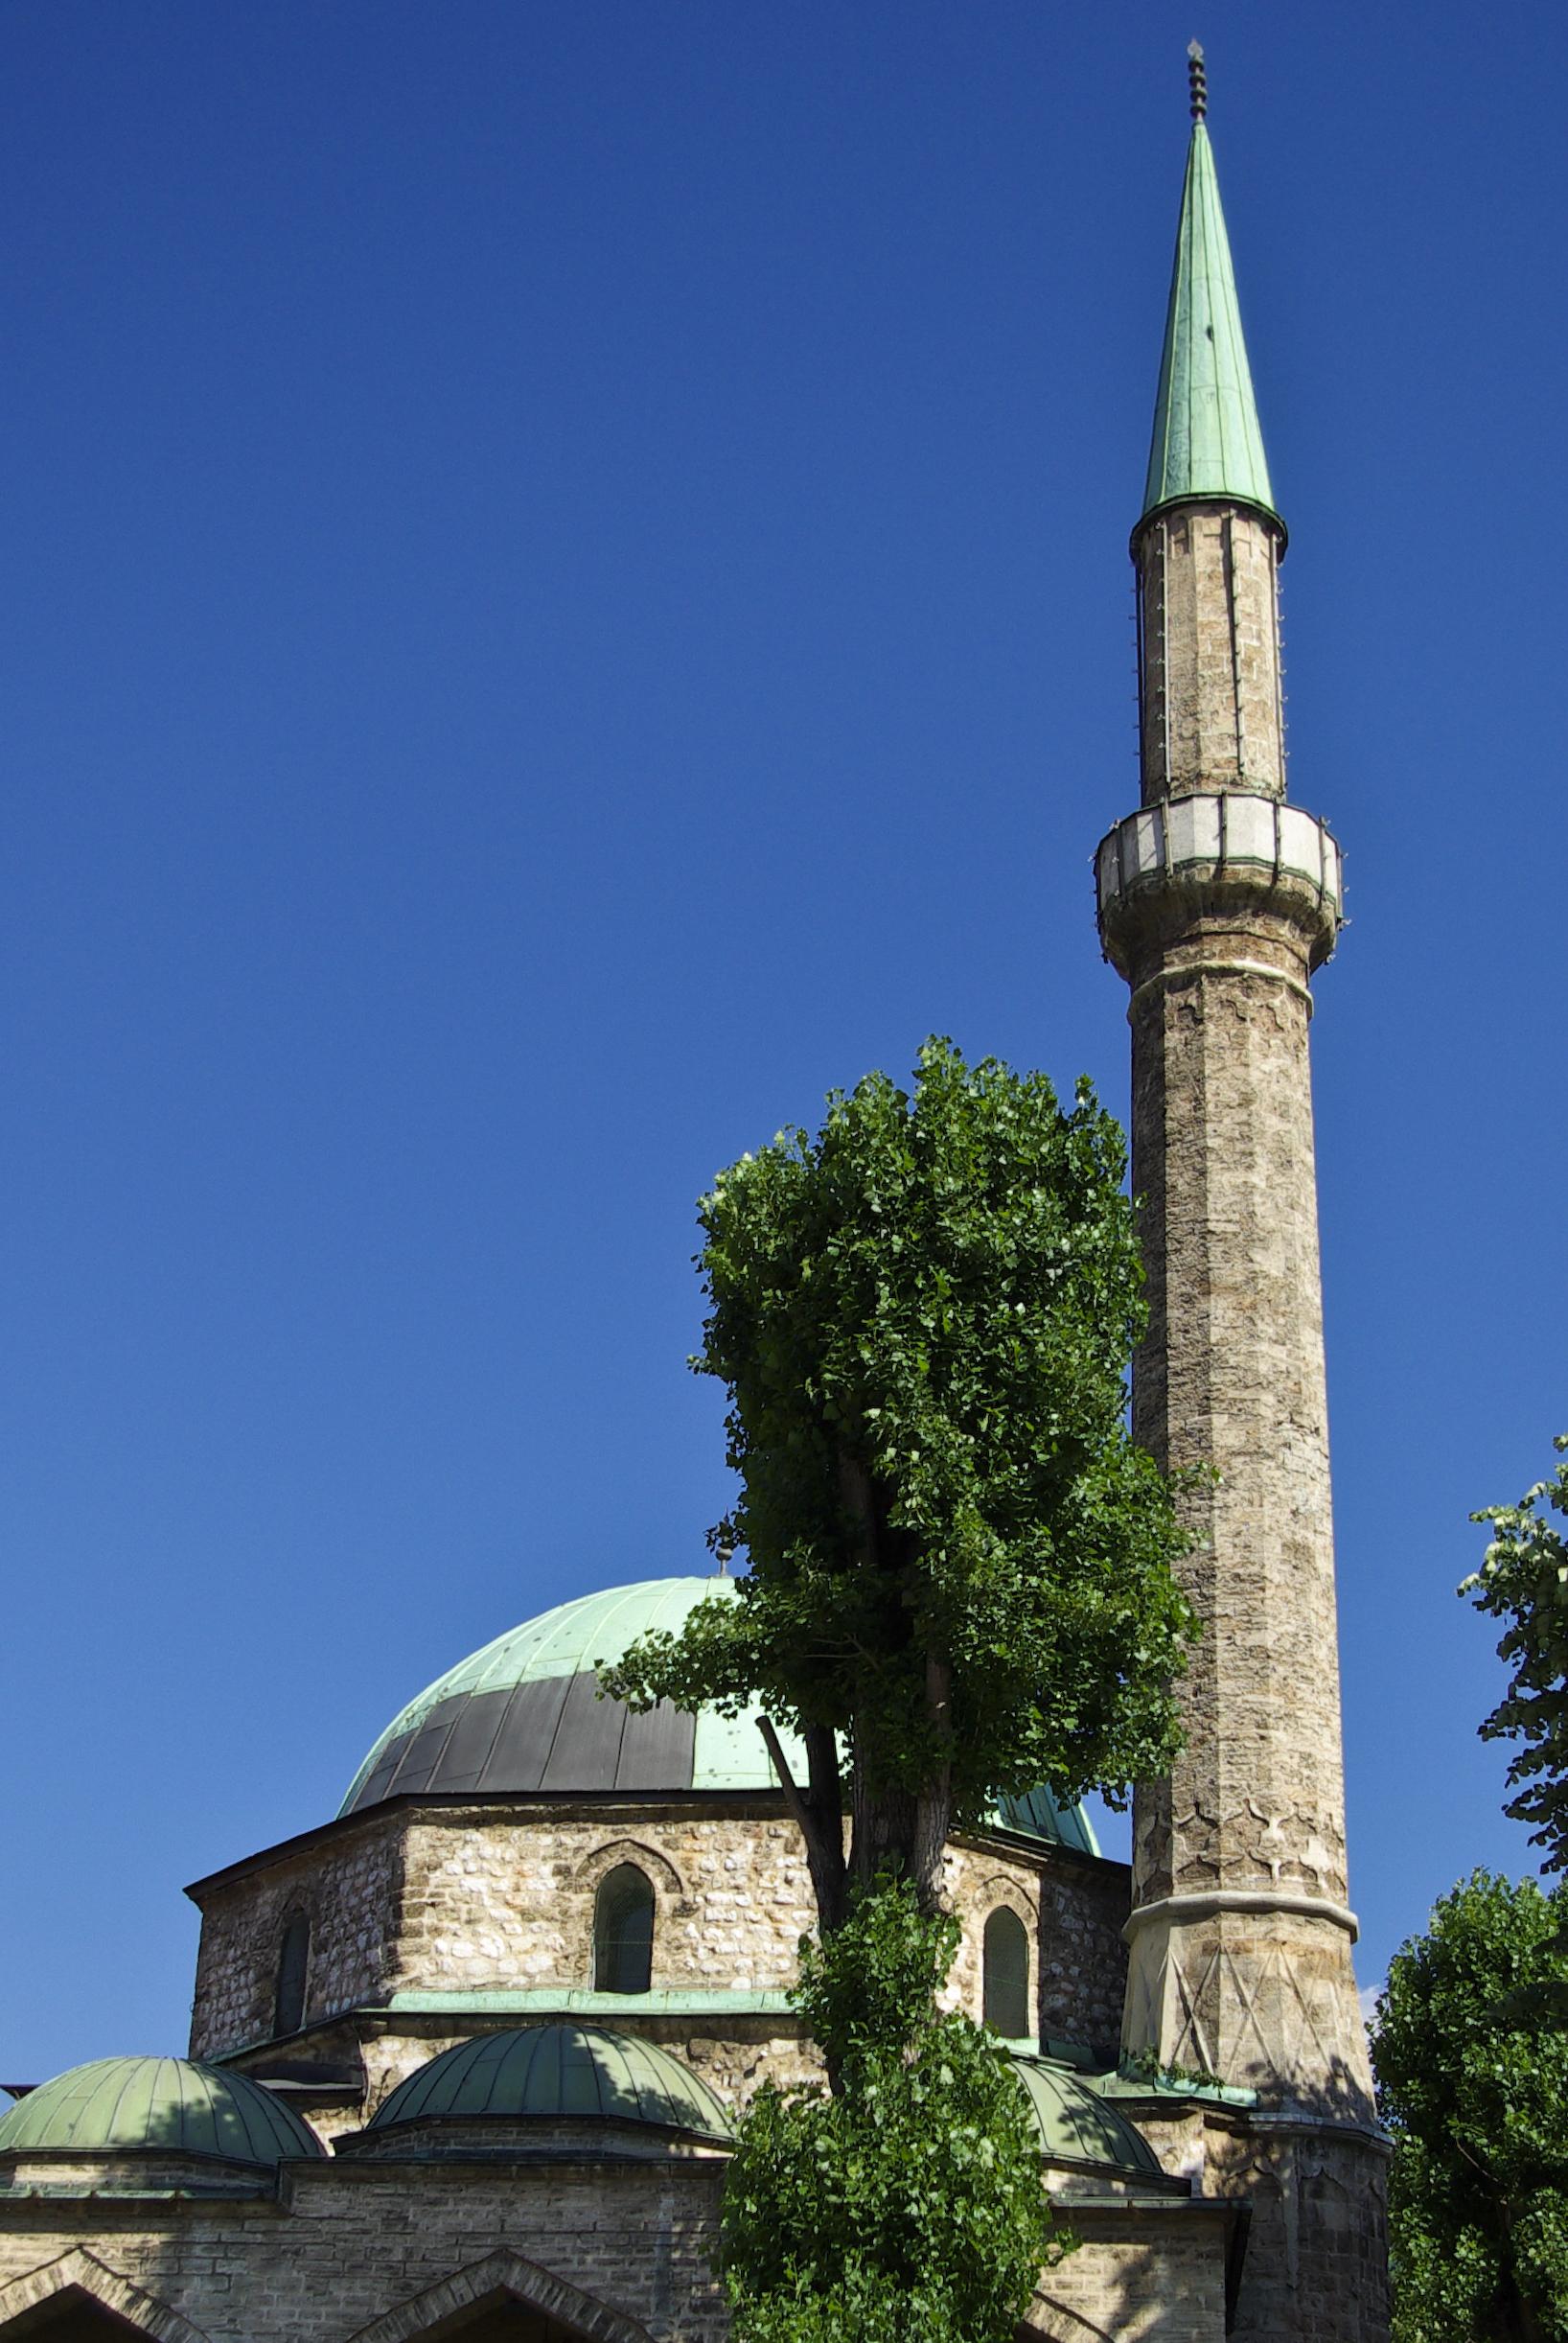 File:Bascarsijska dzamija Sarajevo.jpg - Wikimedia Commons